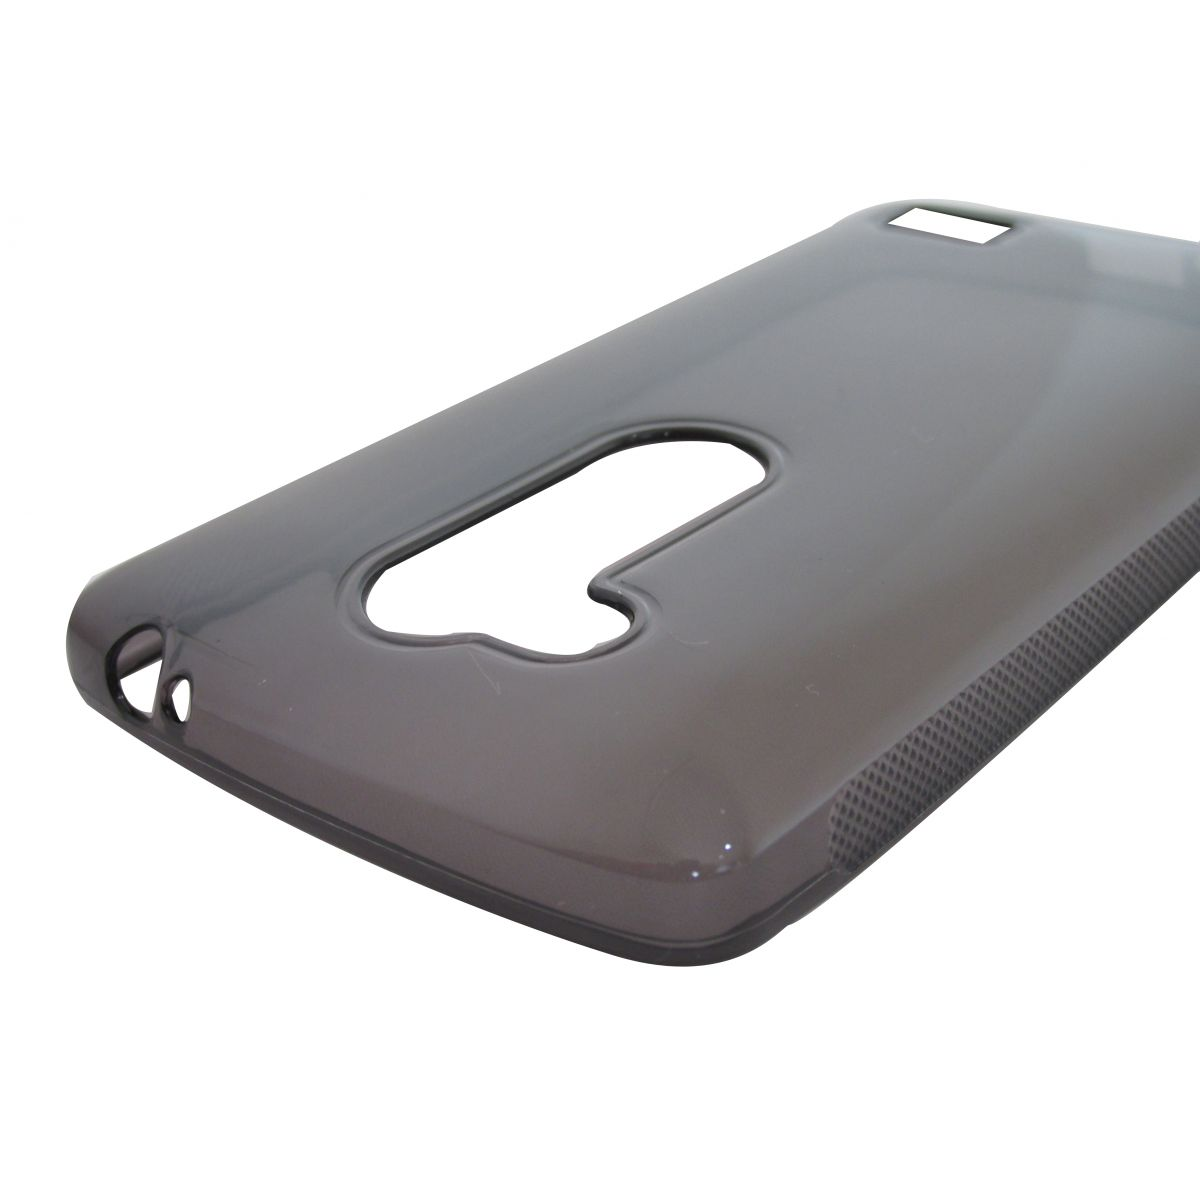 Capa TPU Grafite LG G2 Lite D295